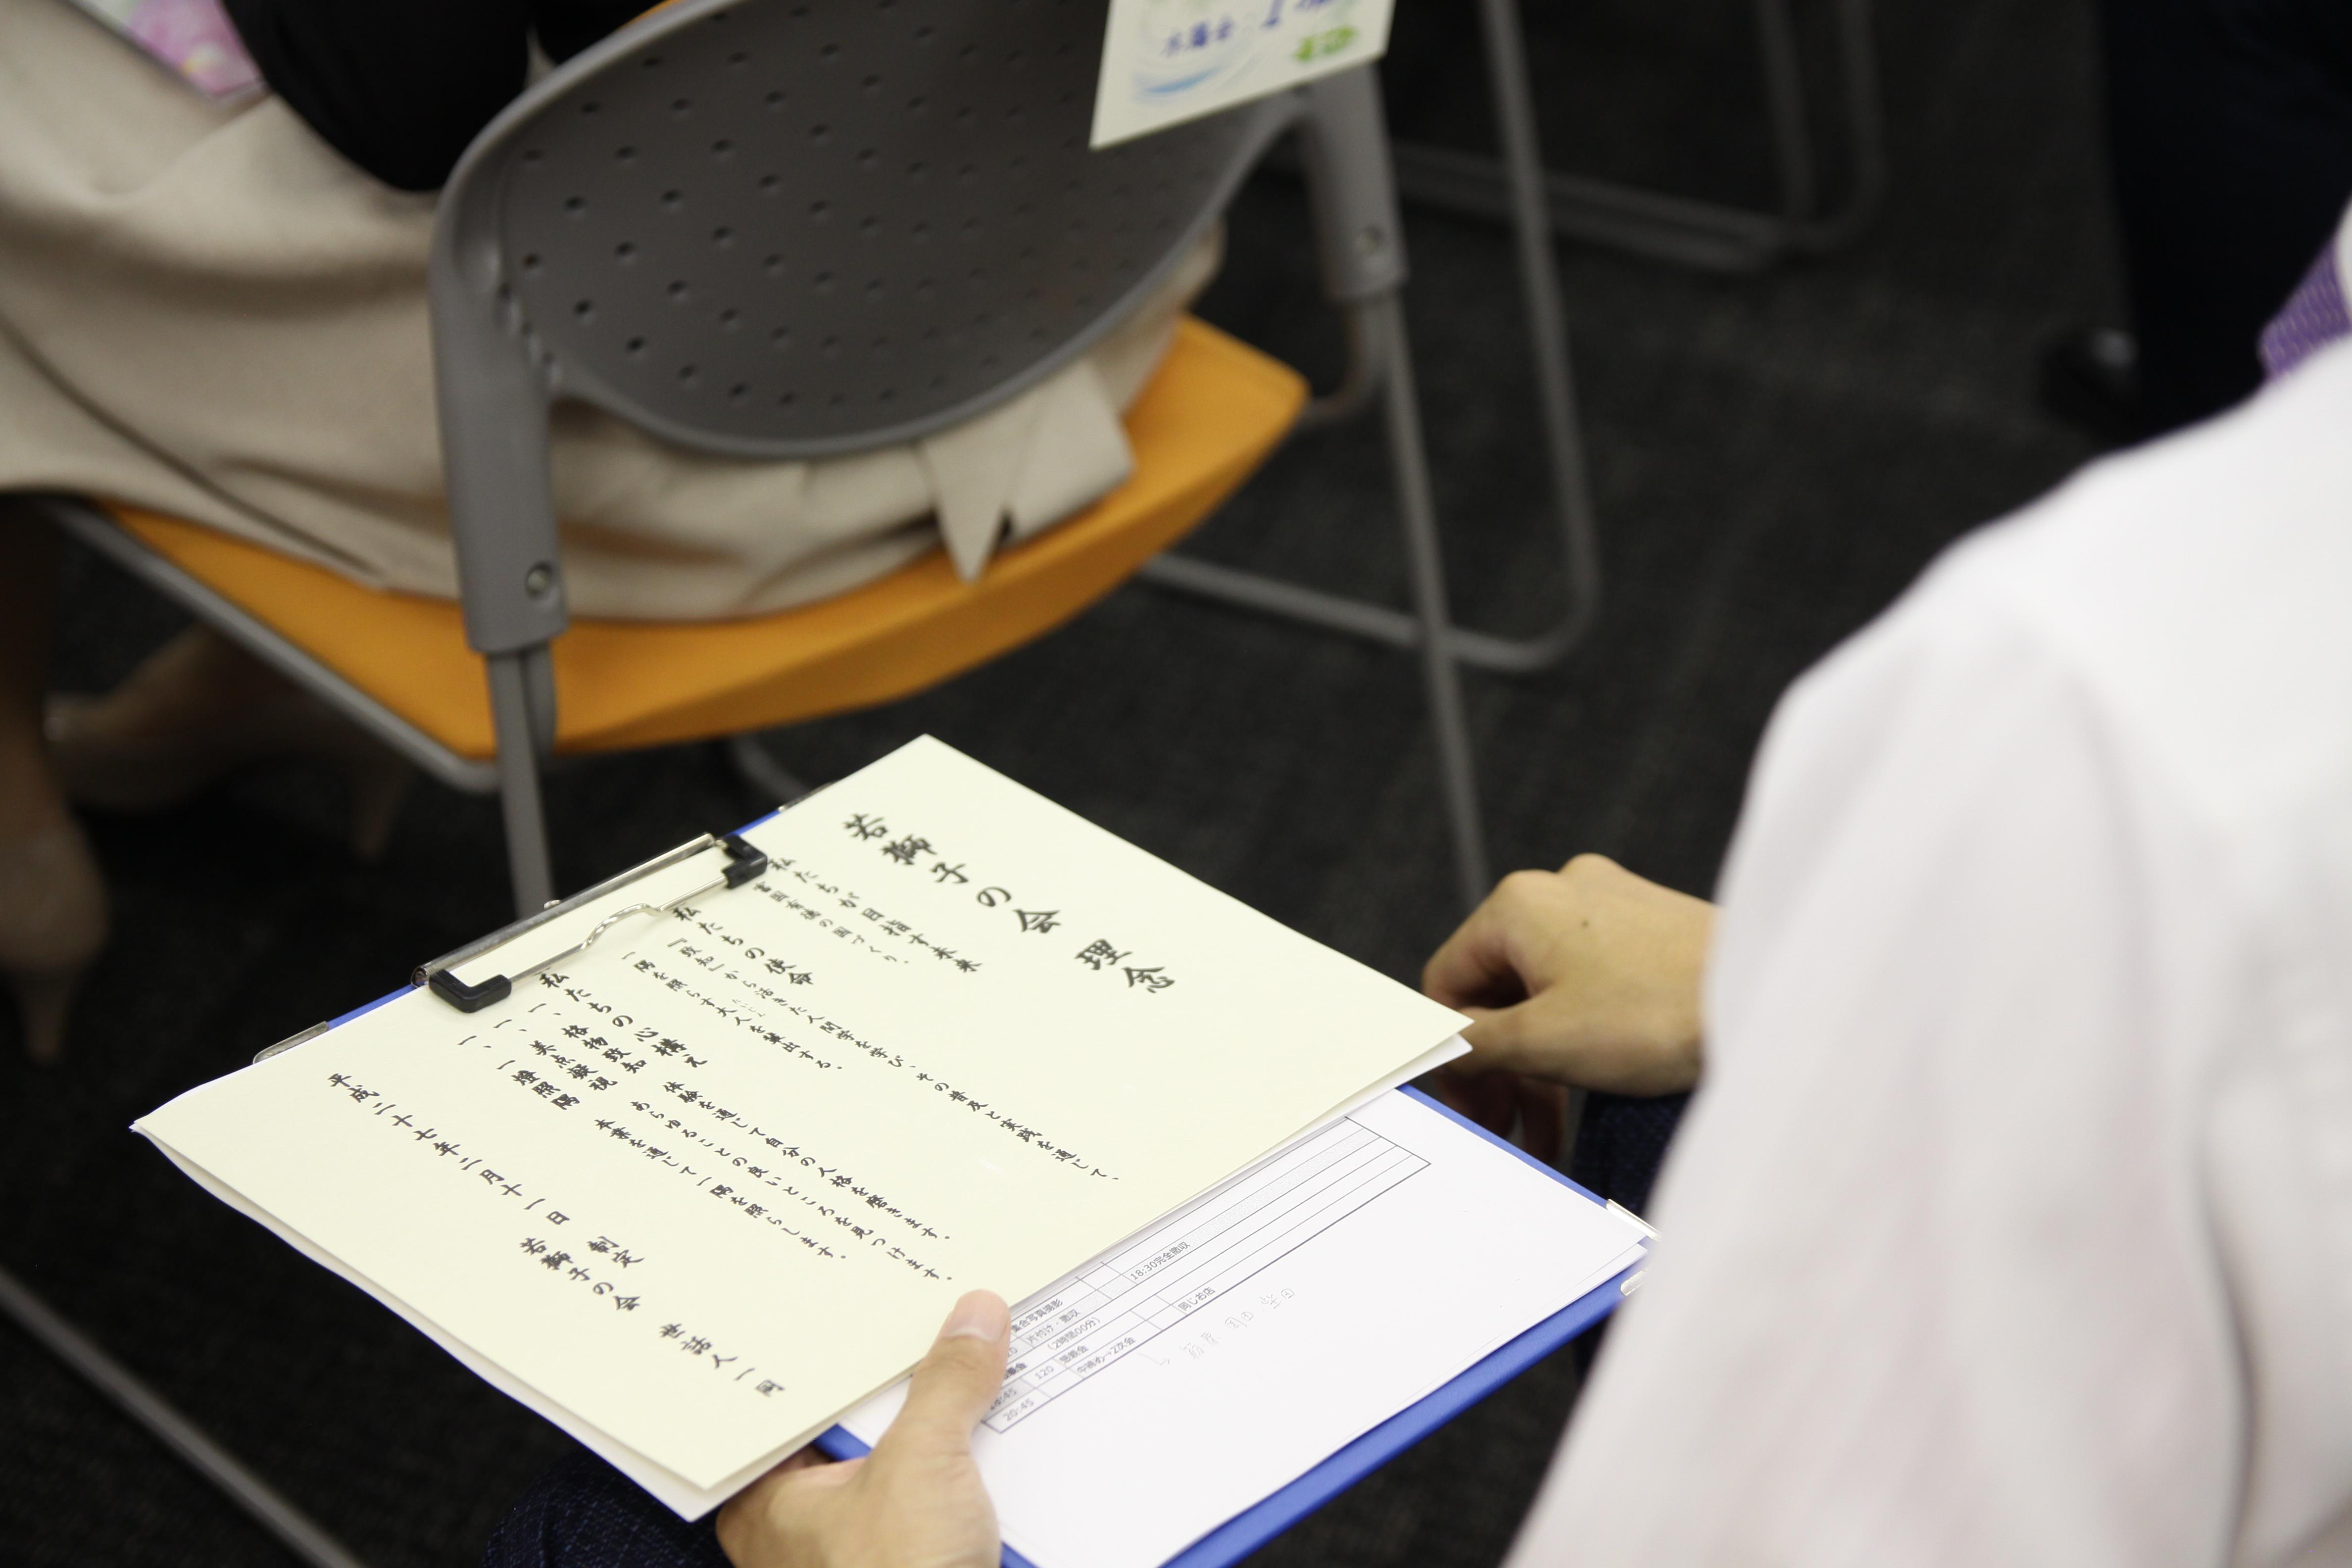 IMG 4586 - 関東若獅子の会、記念すべき第100回